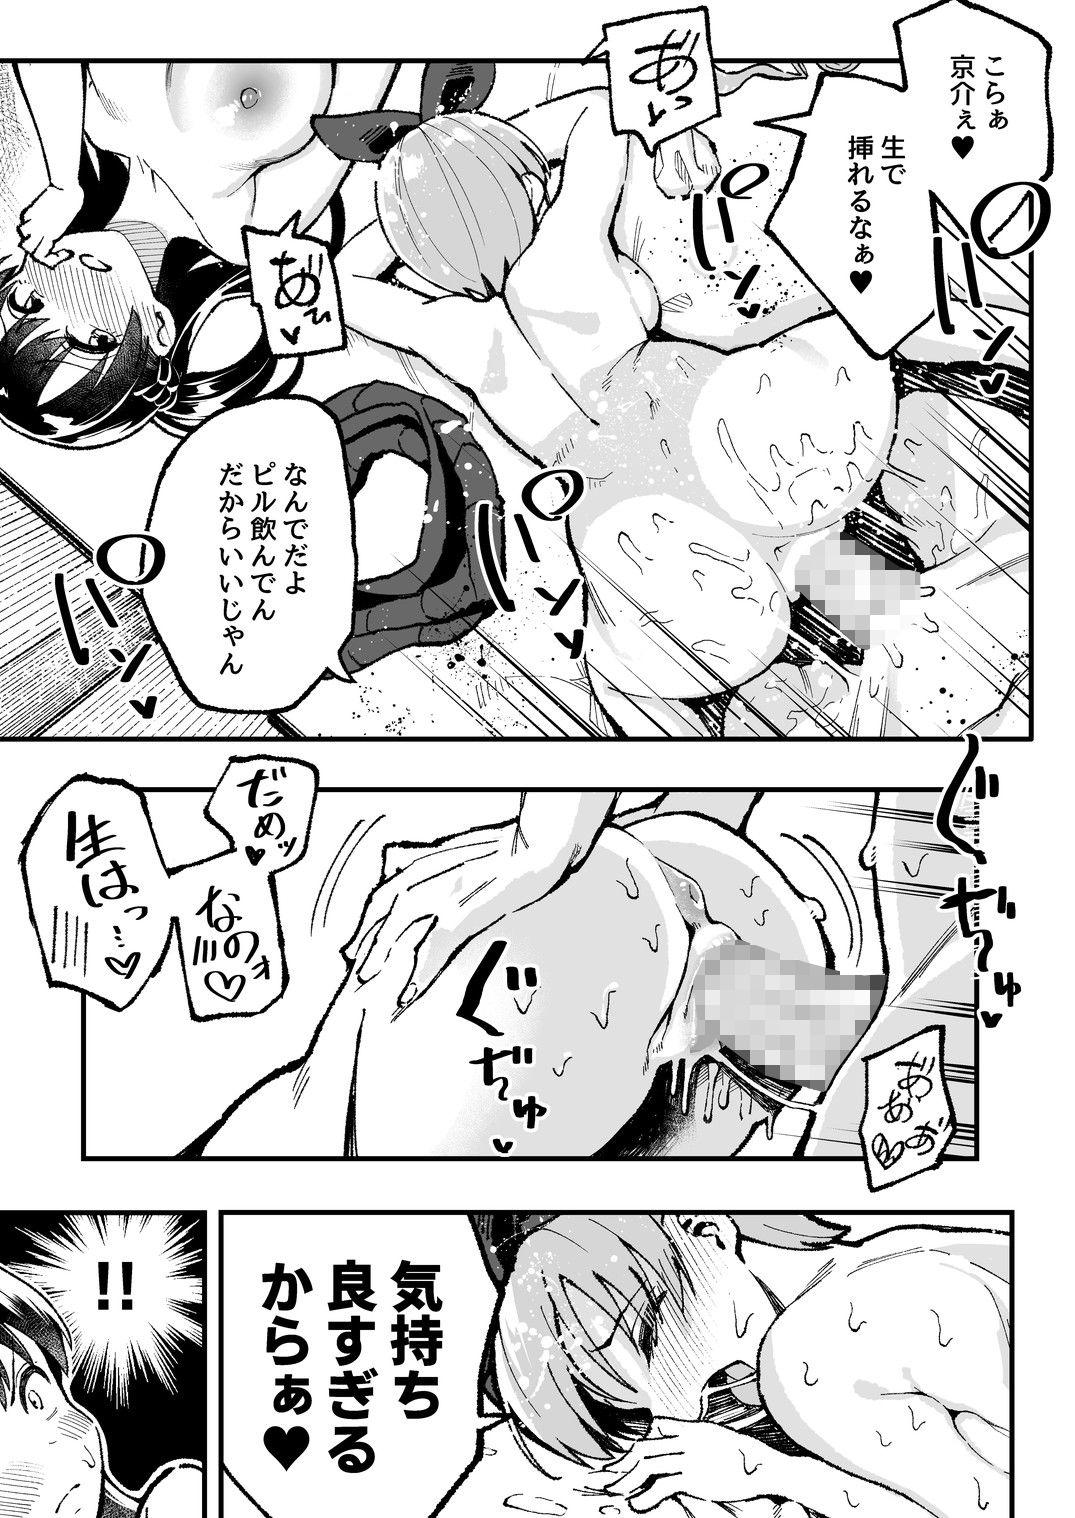 【同人コミック・エロ漫画】 こいびとスワッピング!恋人のイカセ方をスワッピングで伝授![スルメニウム]#8